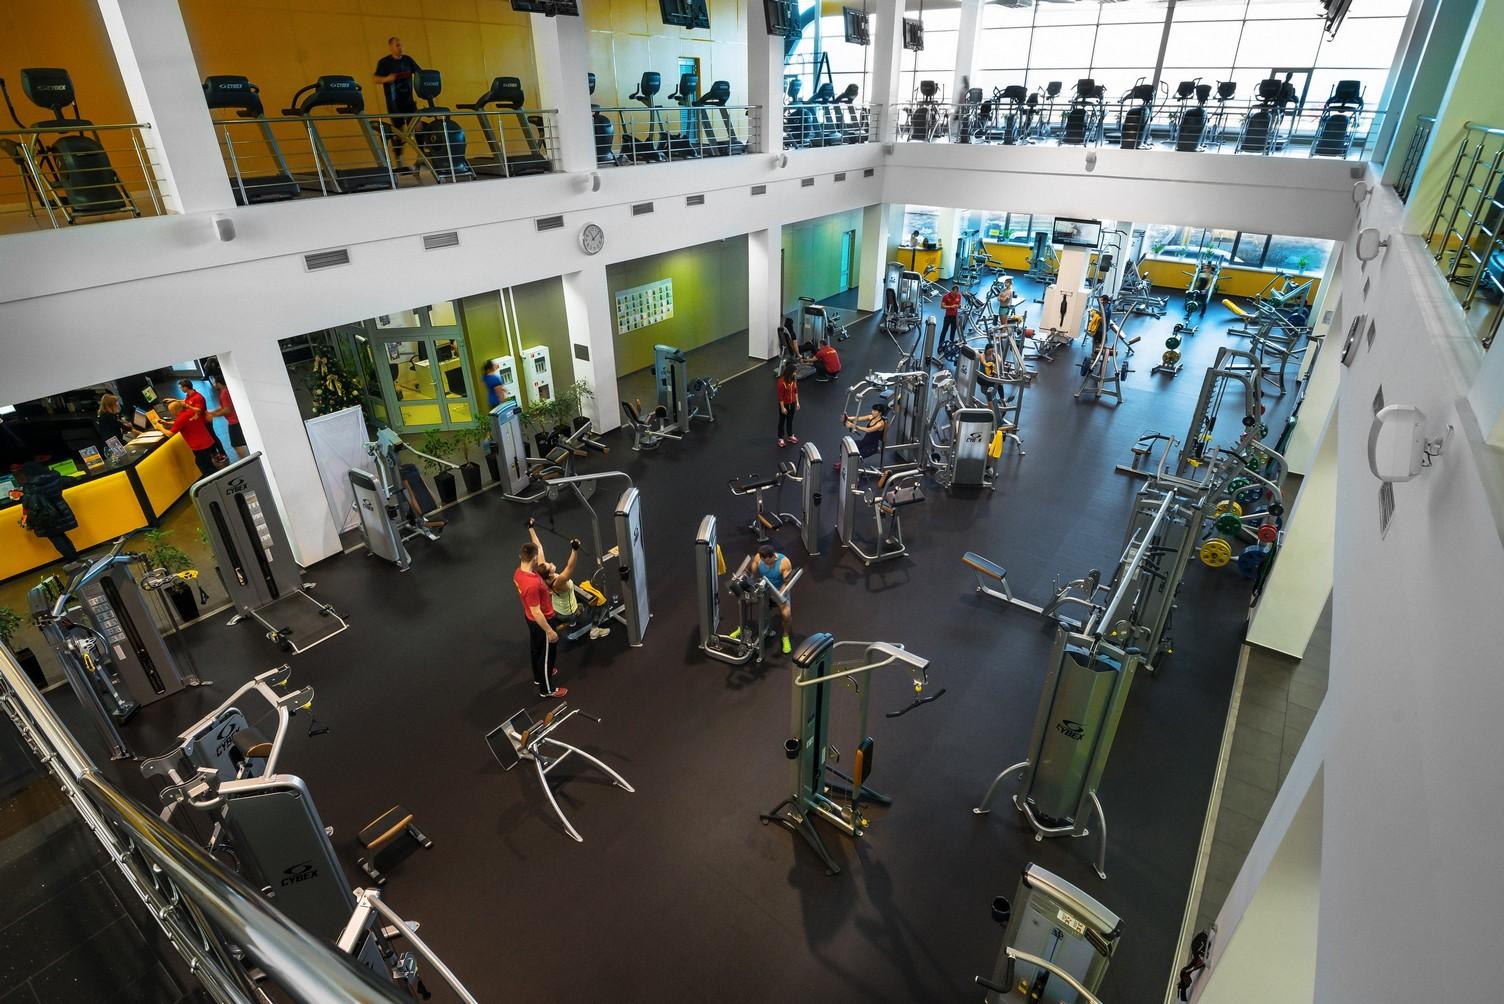 Открываем свой спортзал: как сделать бизнес на здоровье и красоте? - тасс